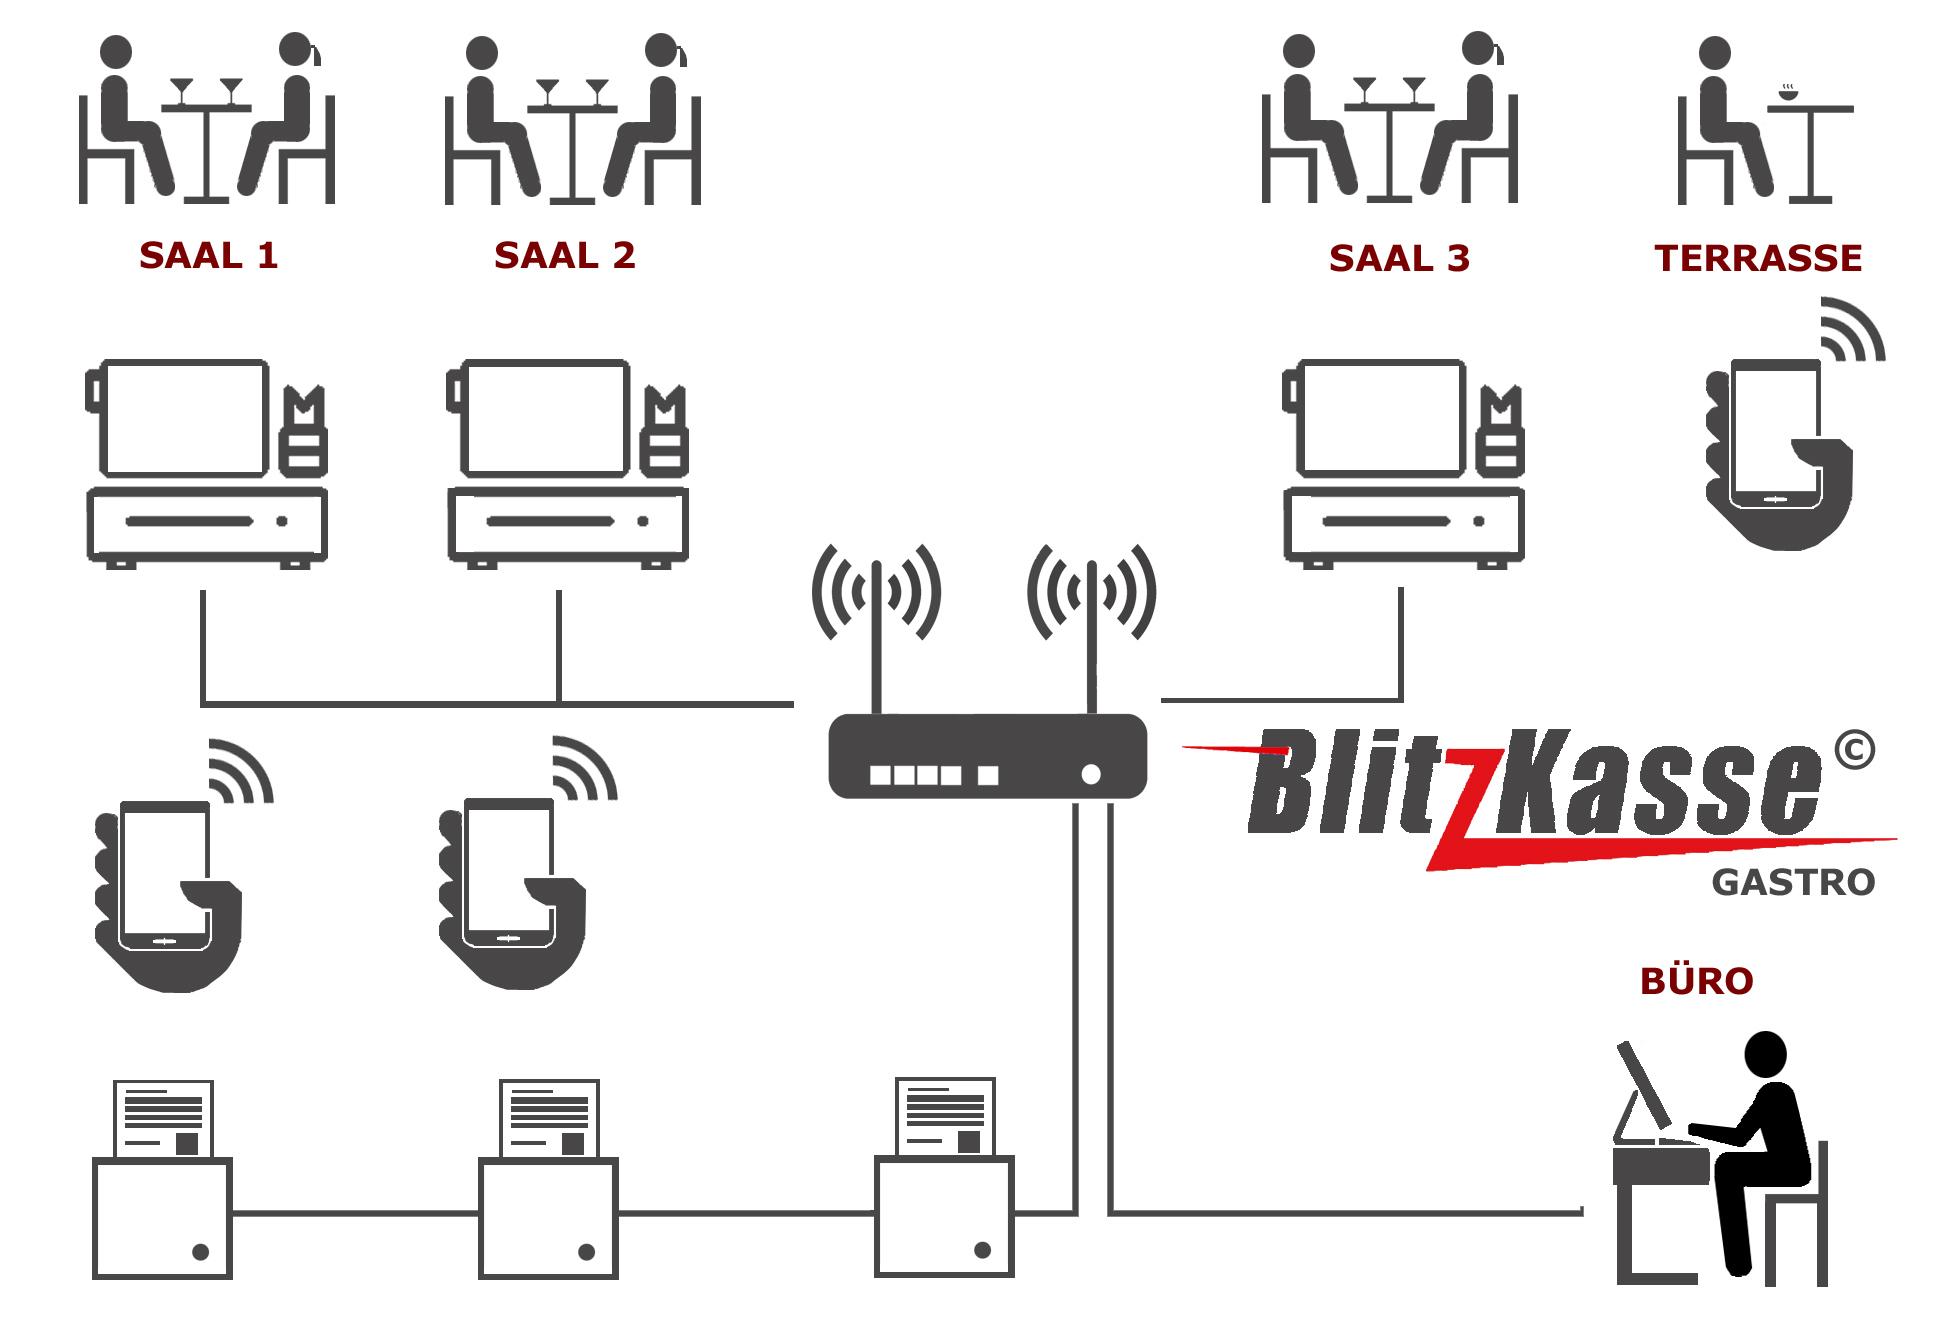 Beispiel-Anschlusschema für BlitzKasse Gastro Restaurant